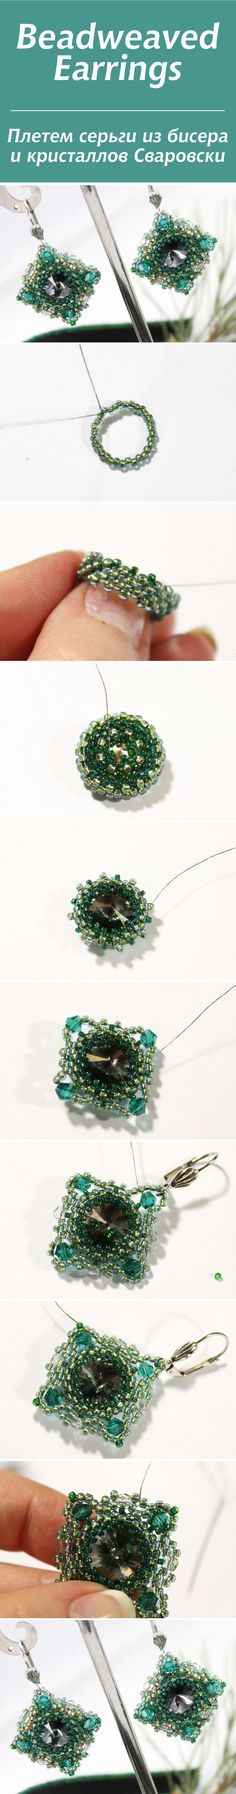 Плетем серьги из бисера и кристаллов Сваровски